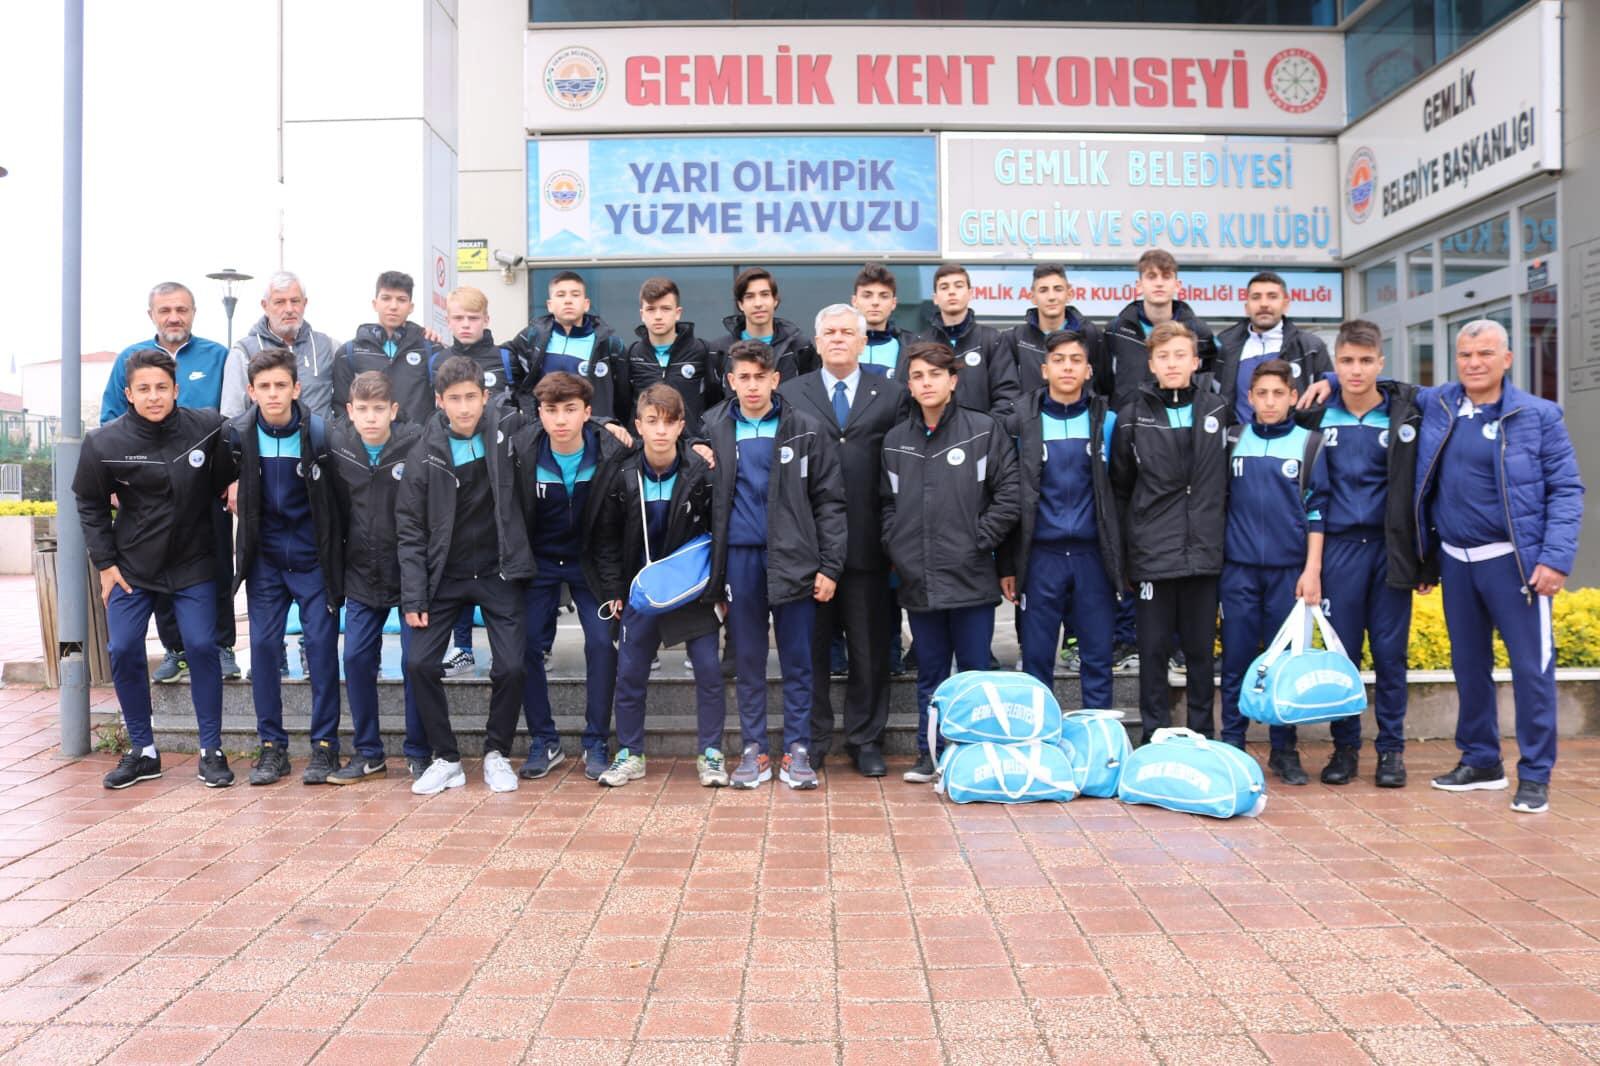 201904151456_şampiyon-gemlikbelediyespor-(2).jpg